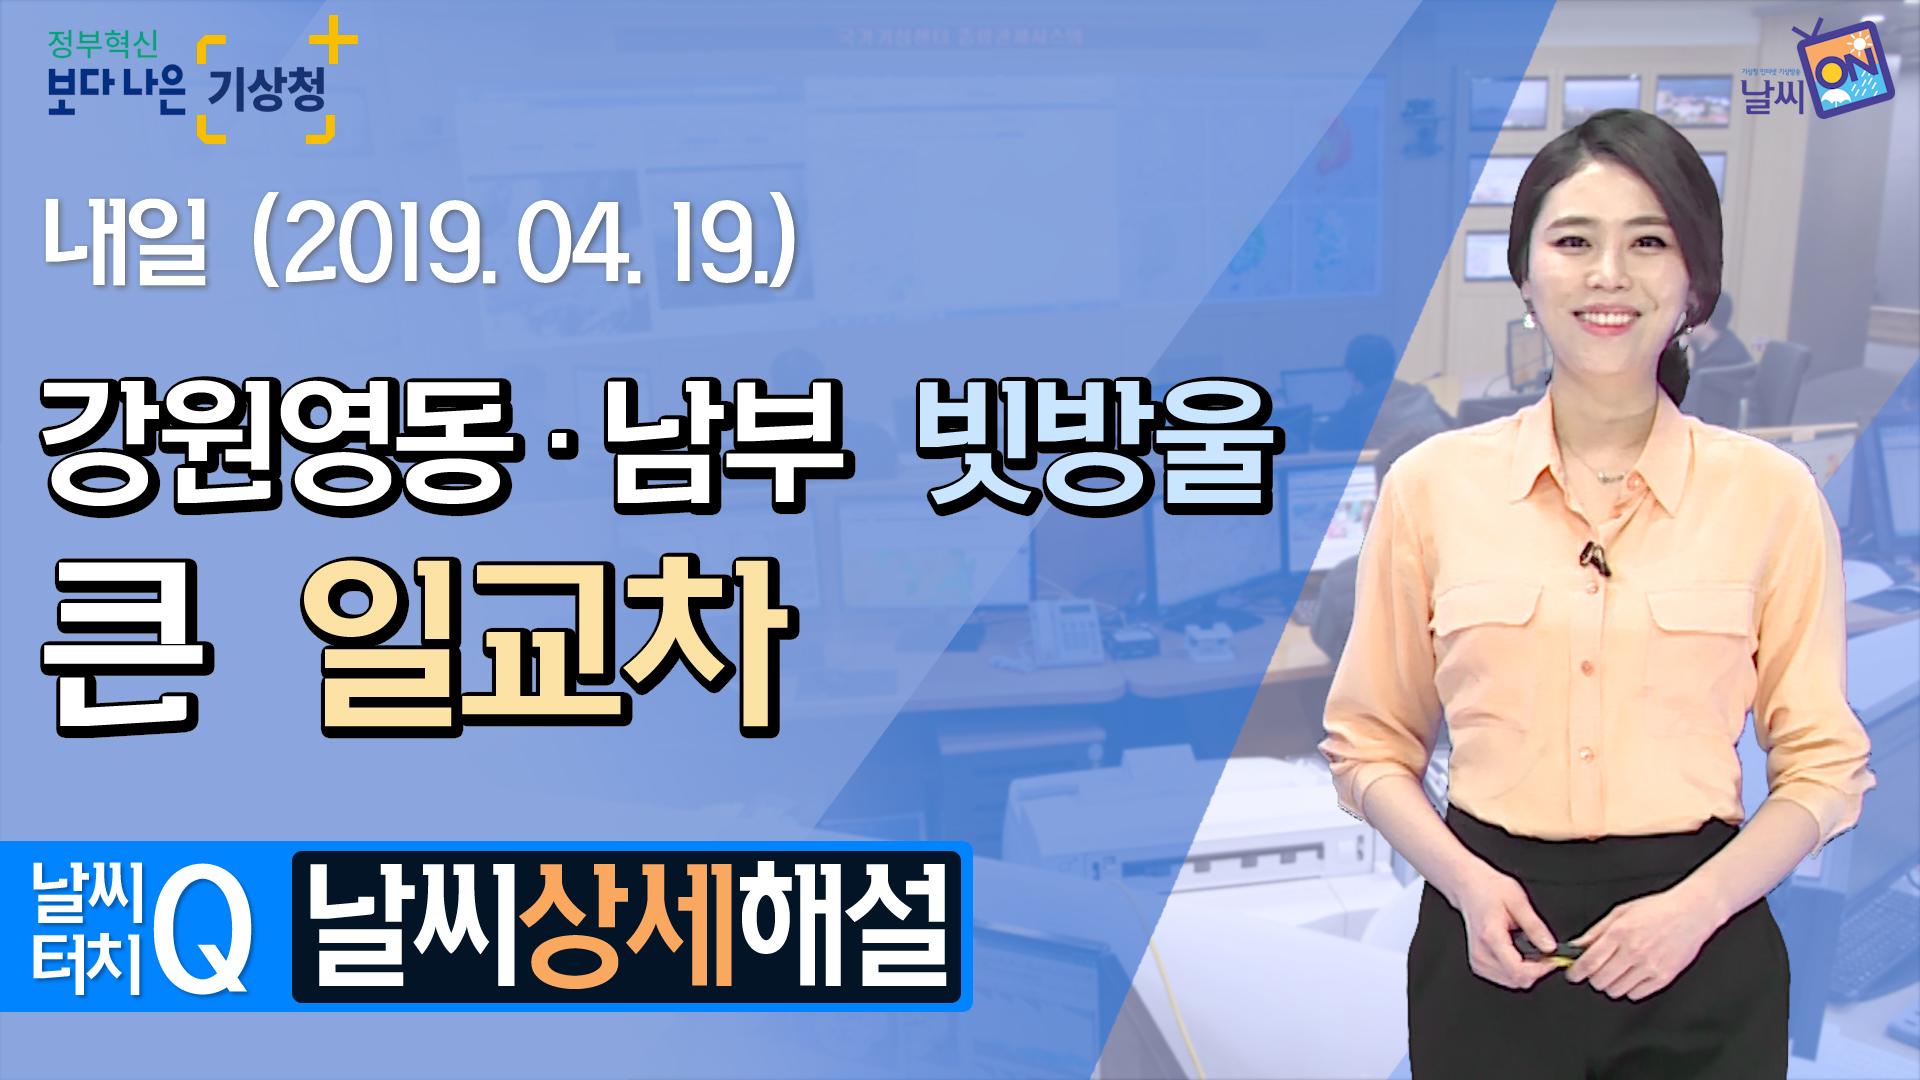 [19시] 4월 19일(금) 강원영동·남부 빗방울, 큰 일교차